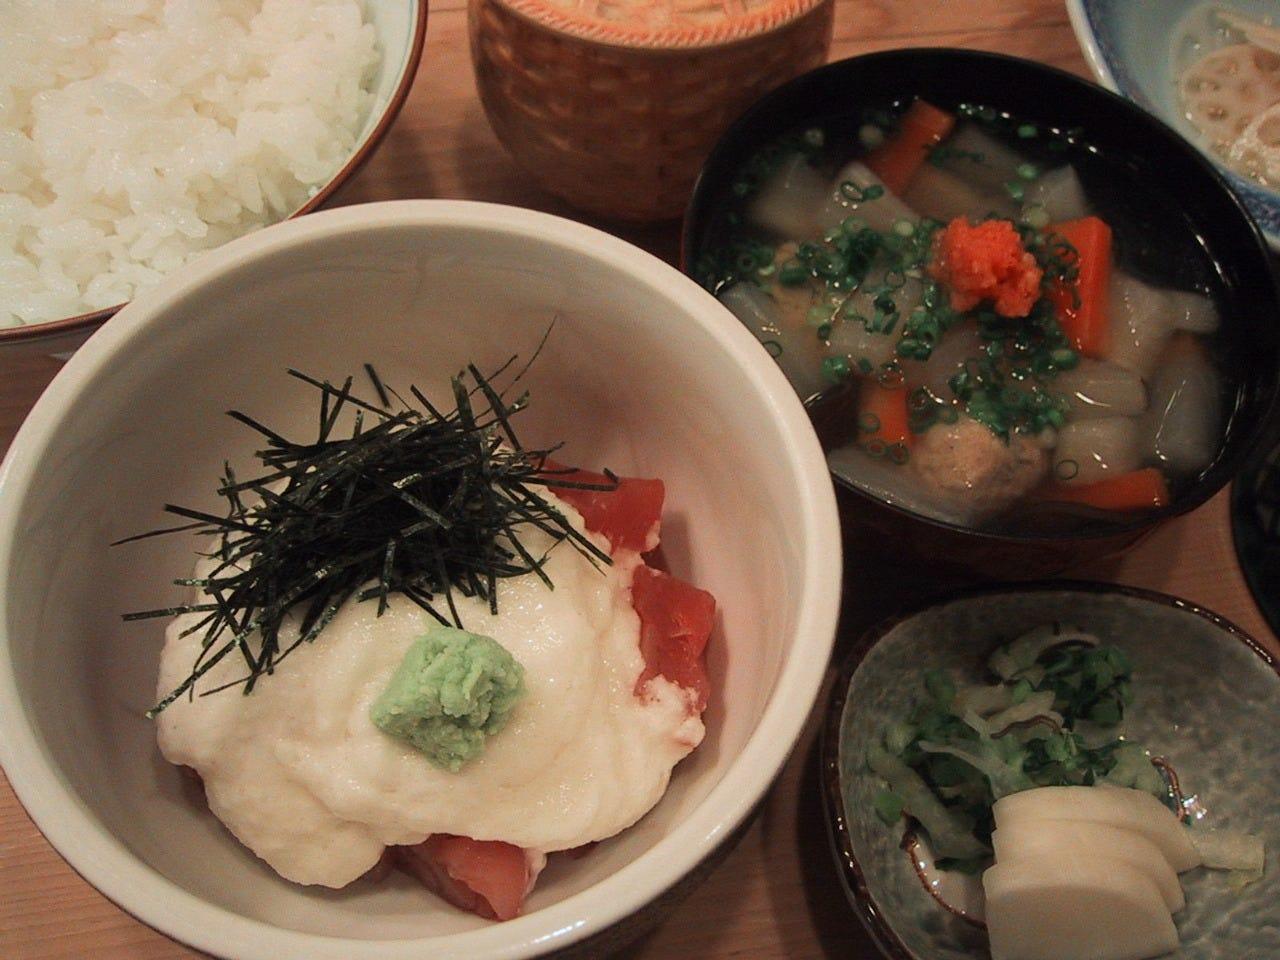 定番メニュー ◆まぐろ山かけ◆お野菜たっぷり小三平付